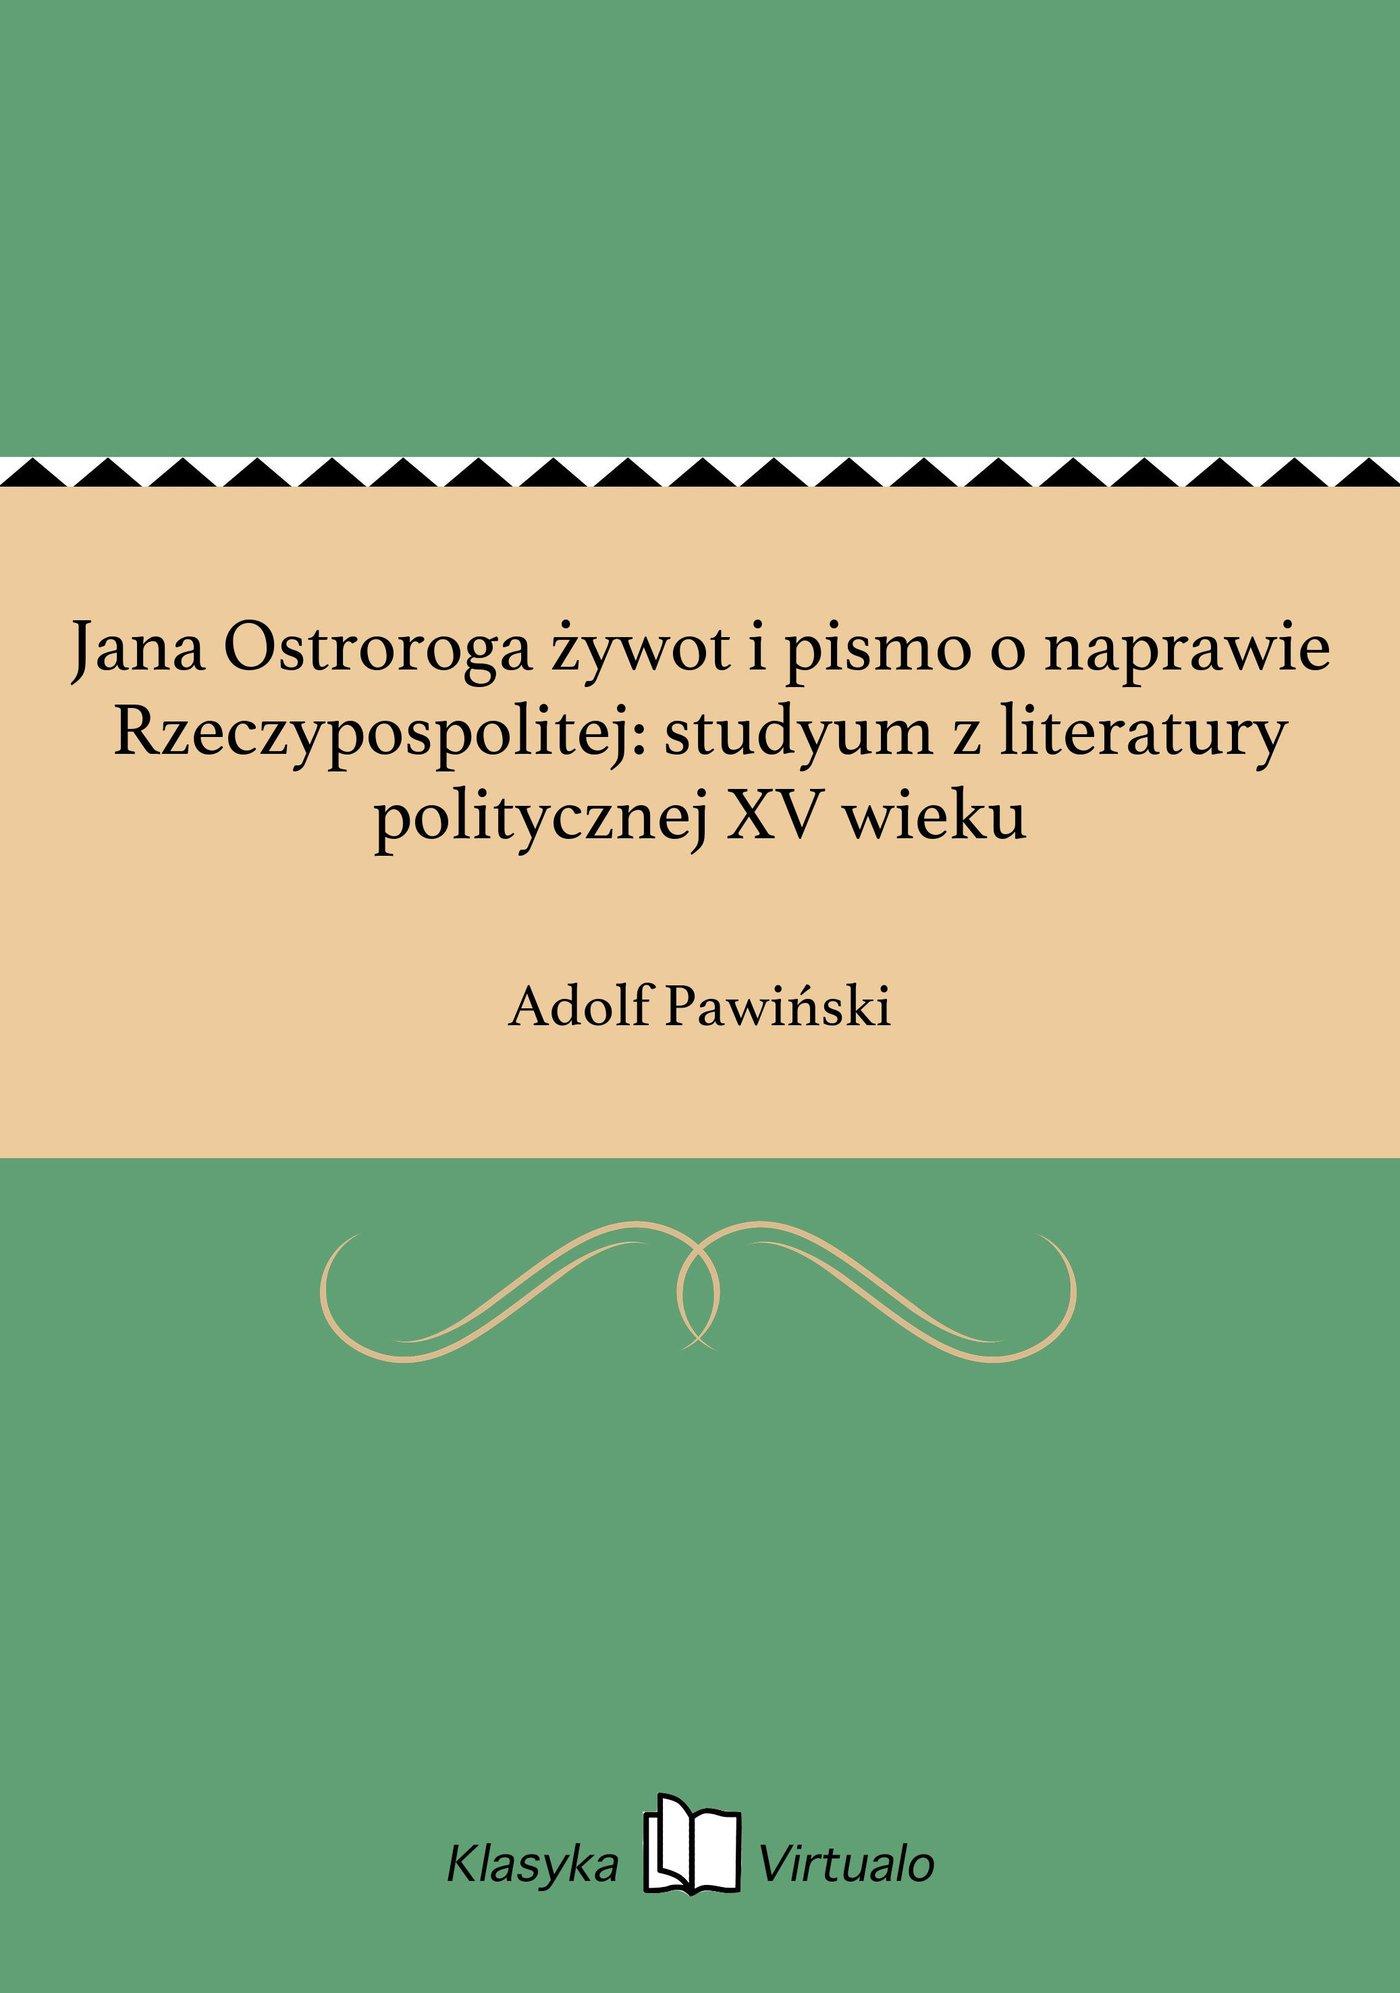 Jana Ostroroga żywot i pismo o naprawie Rzeczypospolitej: studyum z literatury politycznej XV wieku - Ebook (Książka EPUB) do pobrania w formacie EPUB